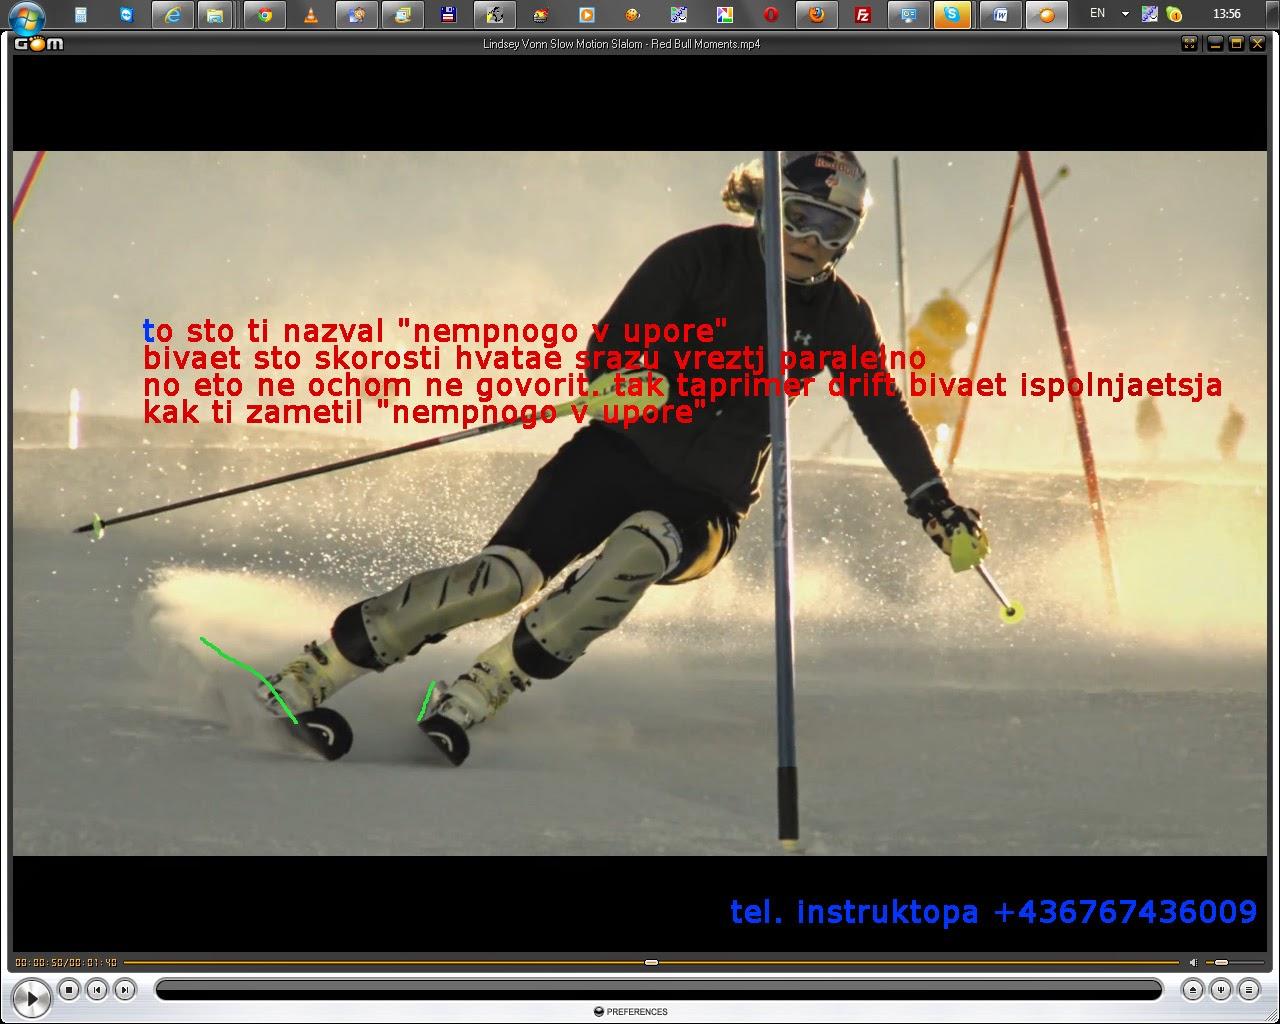 Горнолыжный инструктор в Австрии Зёлден Ишгль Китцбюэль Штубай